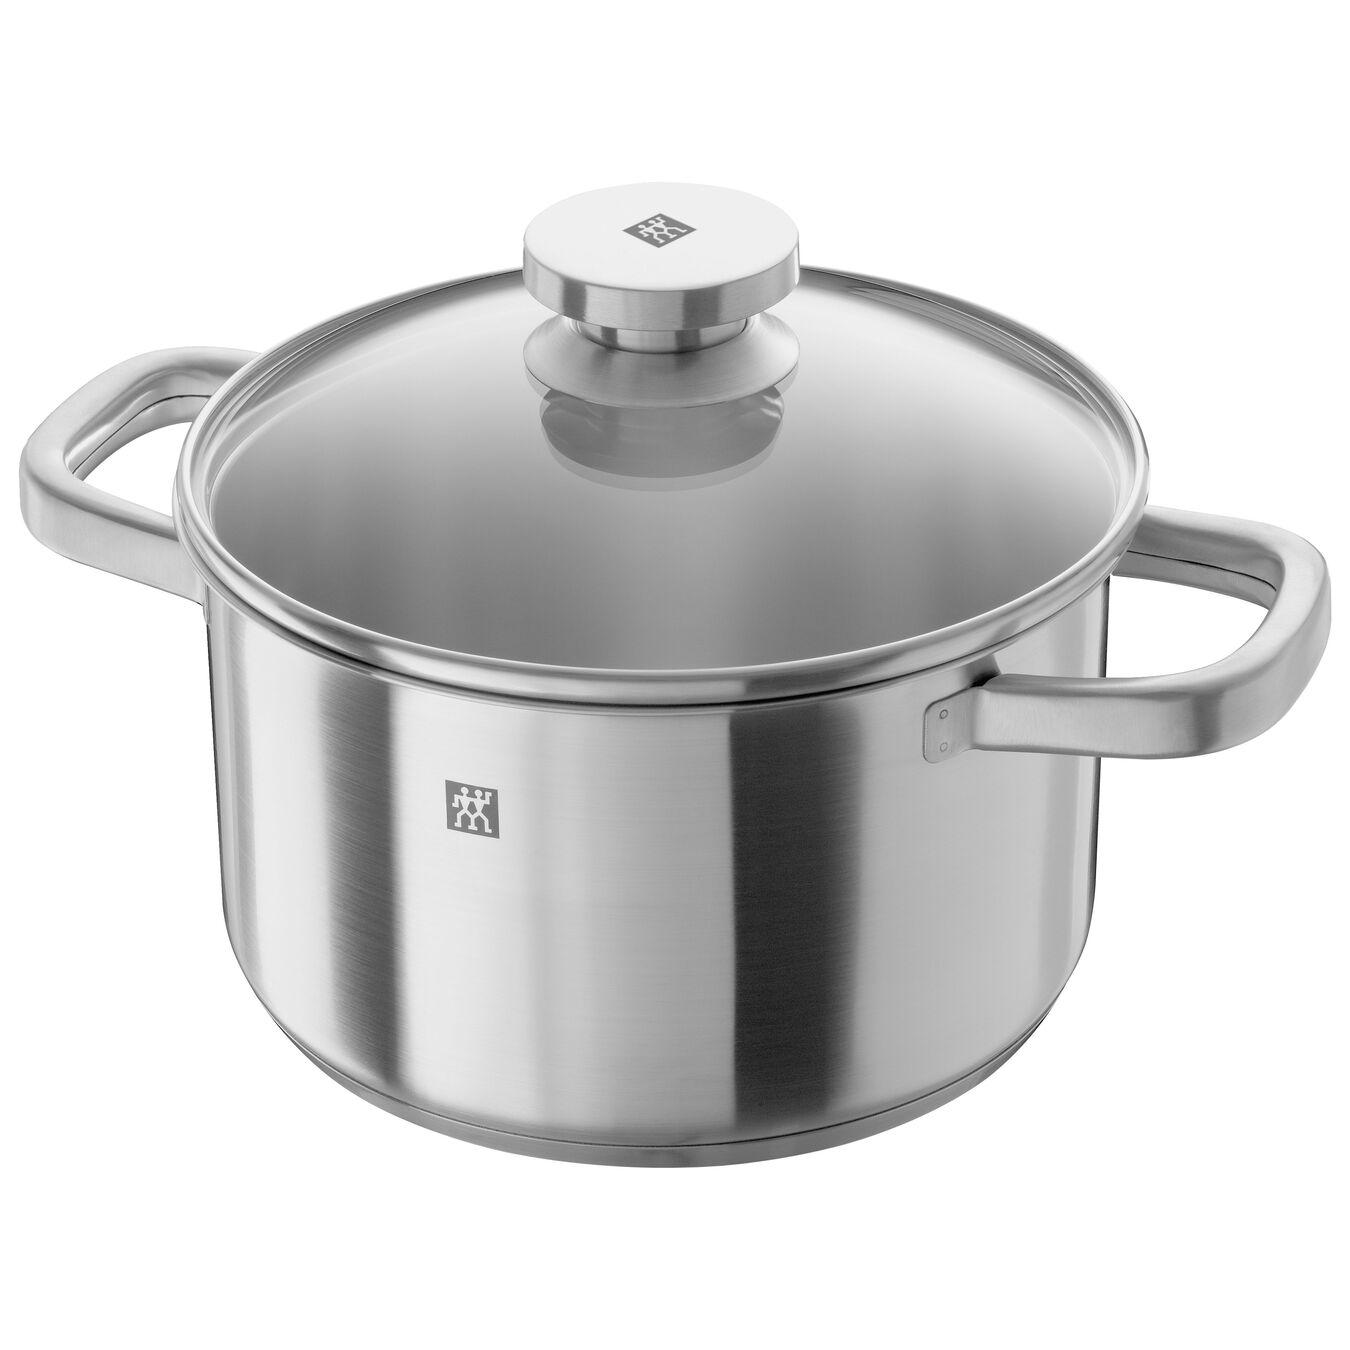 Ensemble de casseroles 5-pcs,,large 7